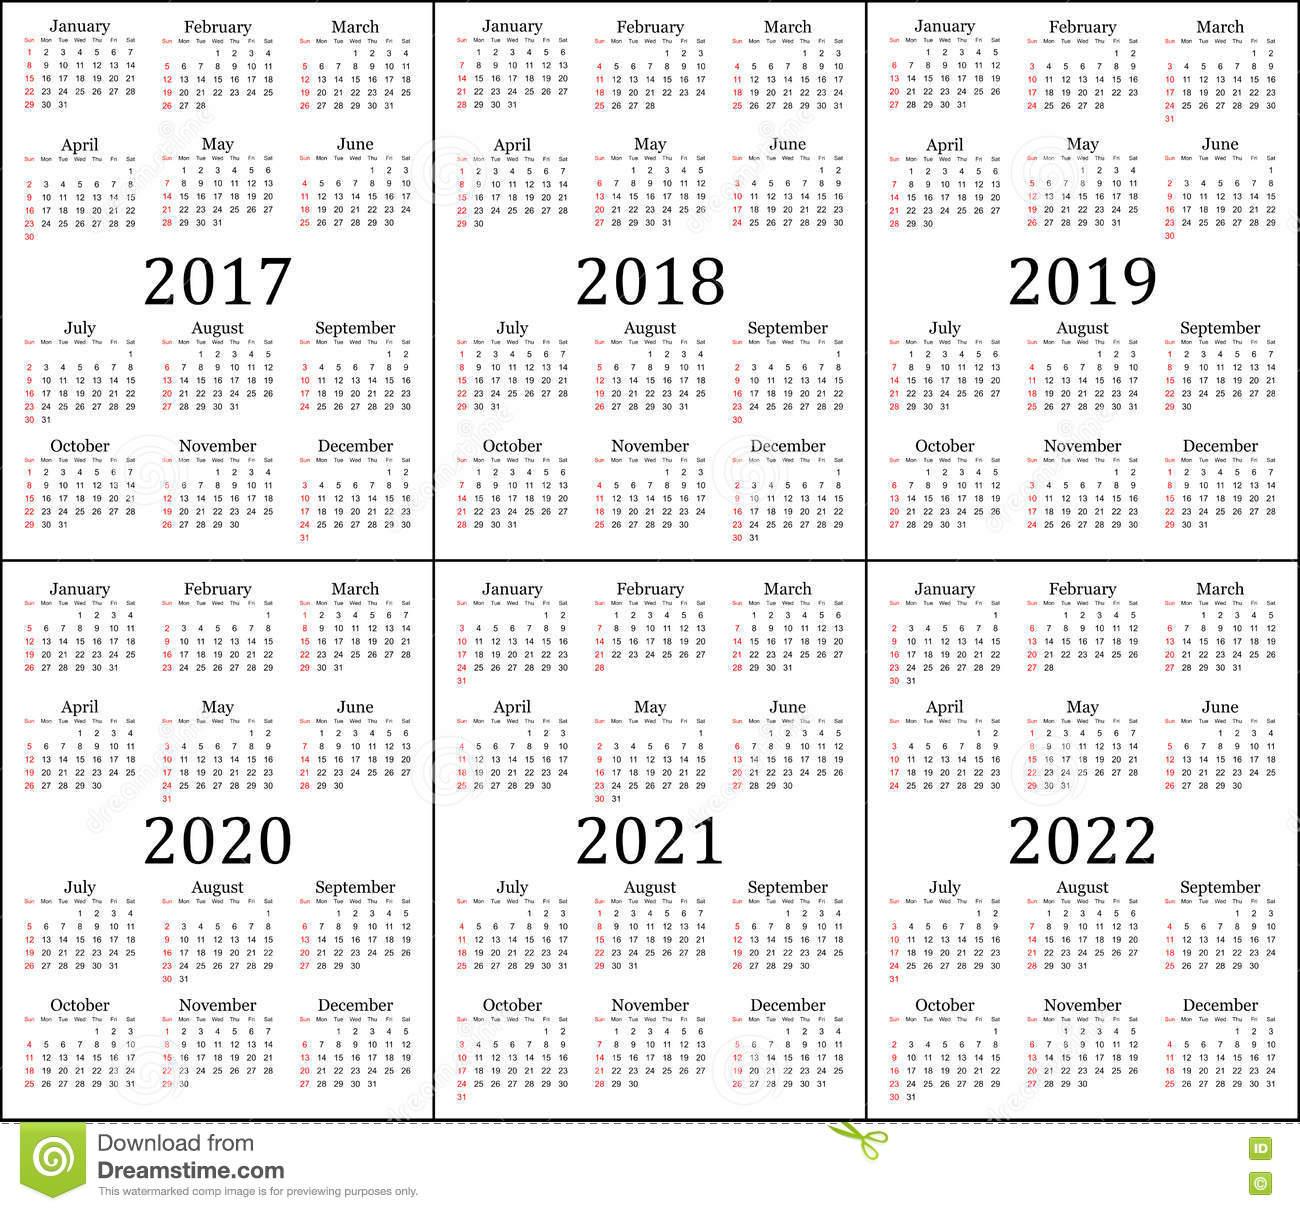 6 Календарей Года - 2017, 2018, 2019, 2020, 2021 И 2022 inside Three Year Calendar 2020 2021 2022